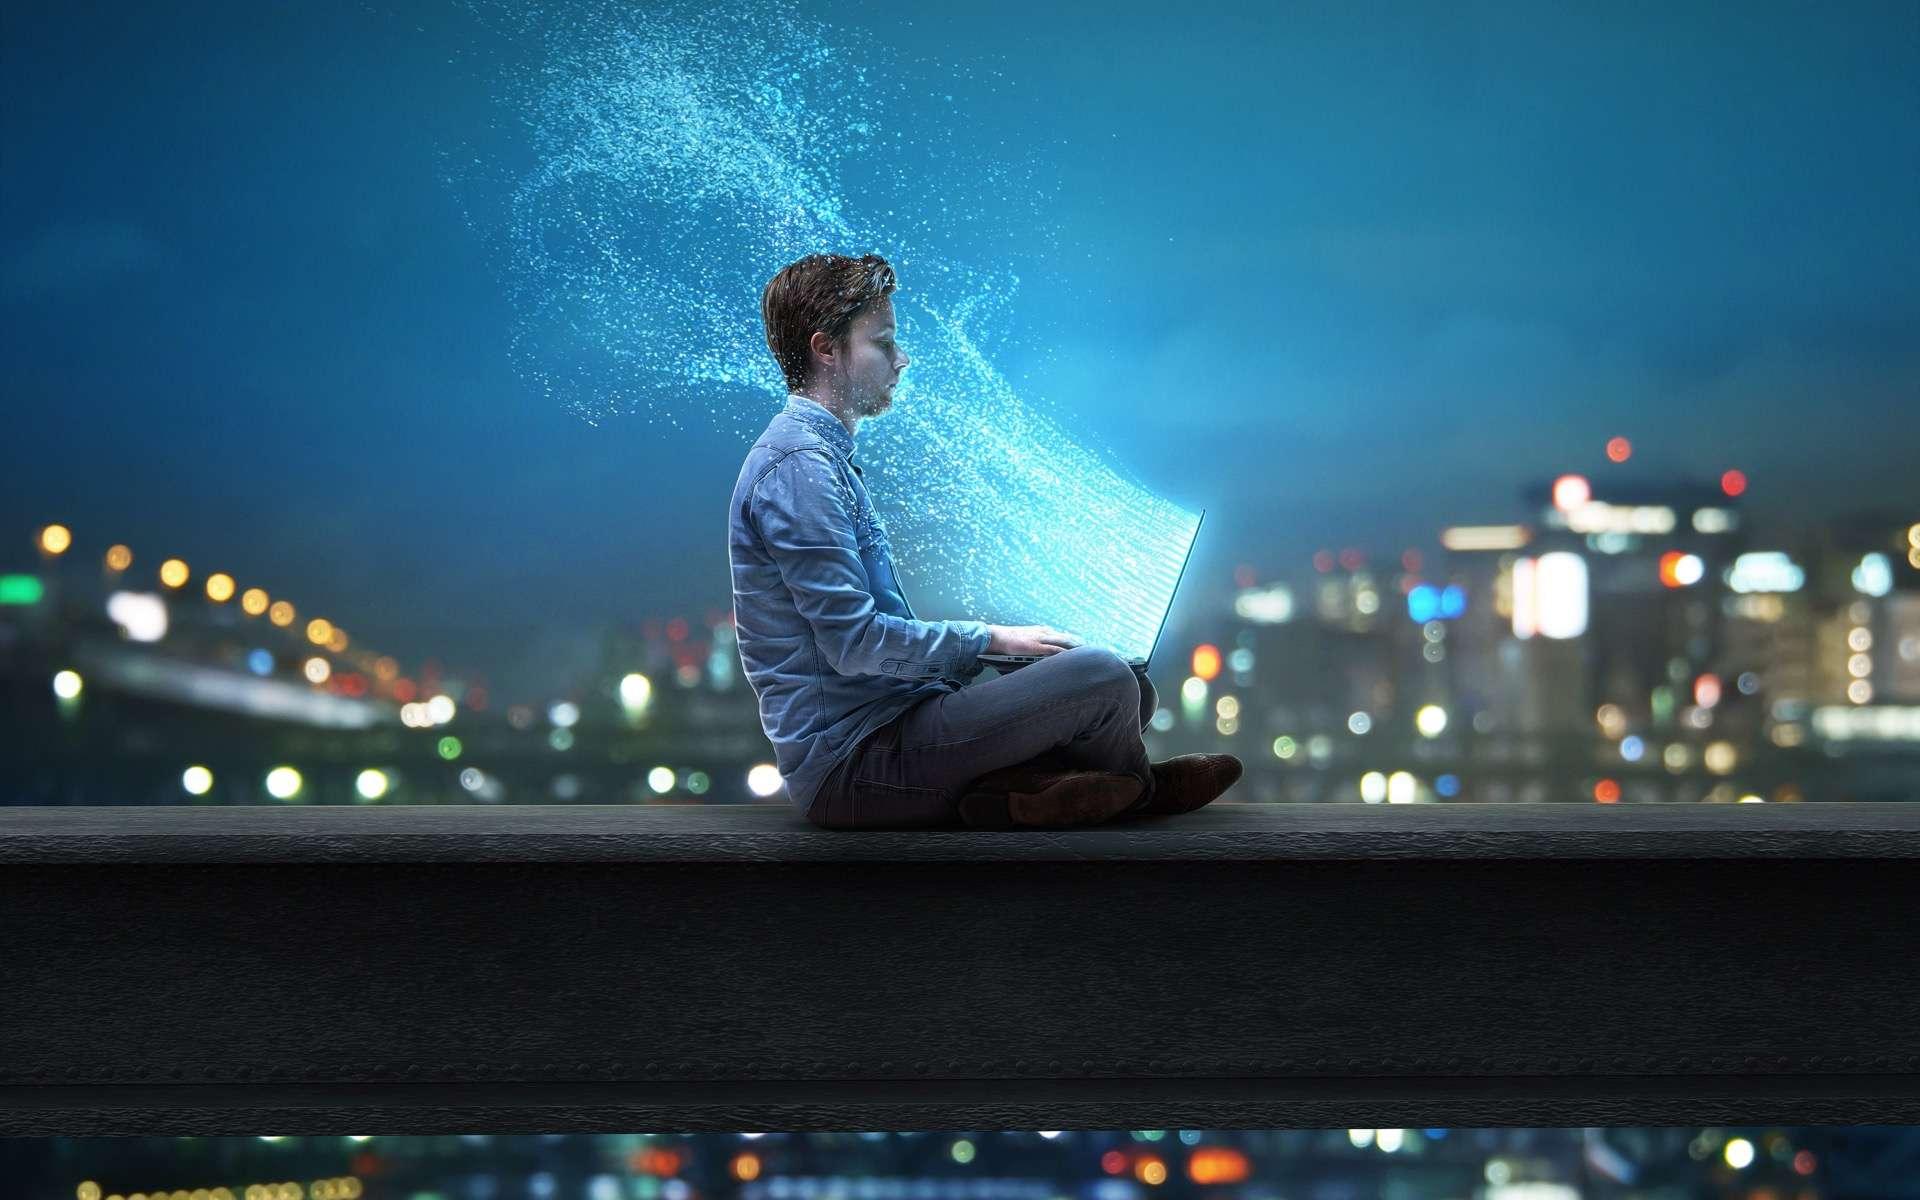 Lieu imaginaire appliqué métaphoriquement au réseau Internet. Les internautes circulent dans le réseau pour s'informer, discuter, s'amuser, flâner… comme dans le monde réel. Le terme anglais cyberspace a été créé par William Gibson dans son livre intitulé Neuromancer. Le terme cyberespace est parfois utilisé dans le sens de monde « virtuel ». © lassedesignen, Adobe Stock